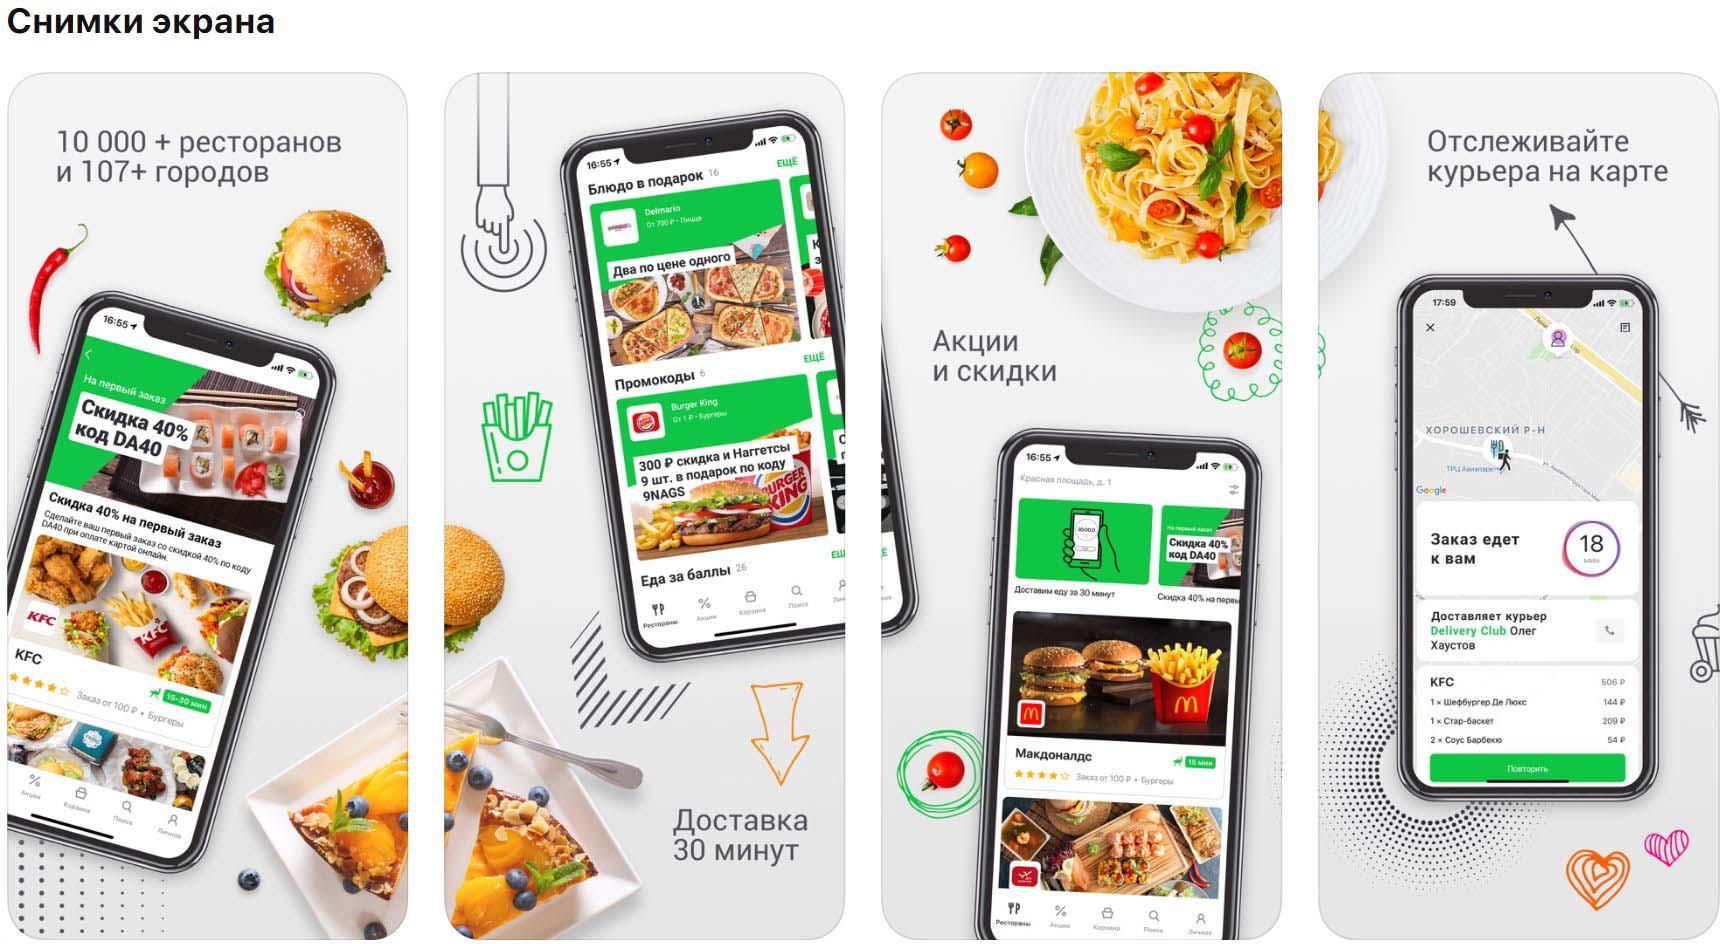 Приложение Delivery Club снимки экрана